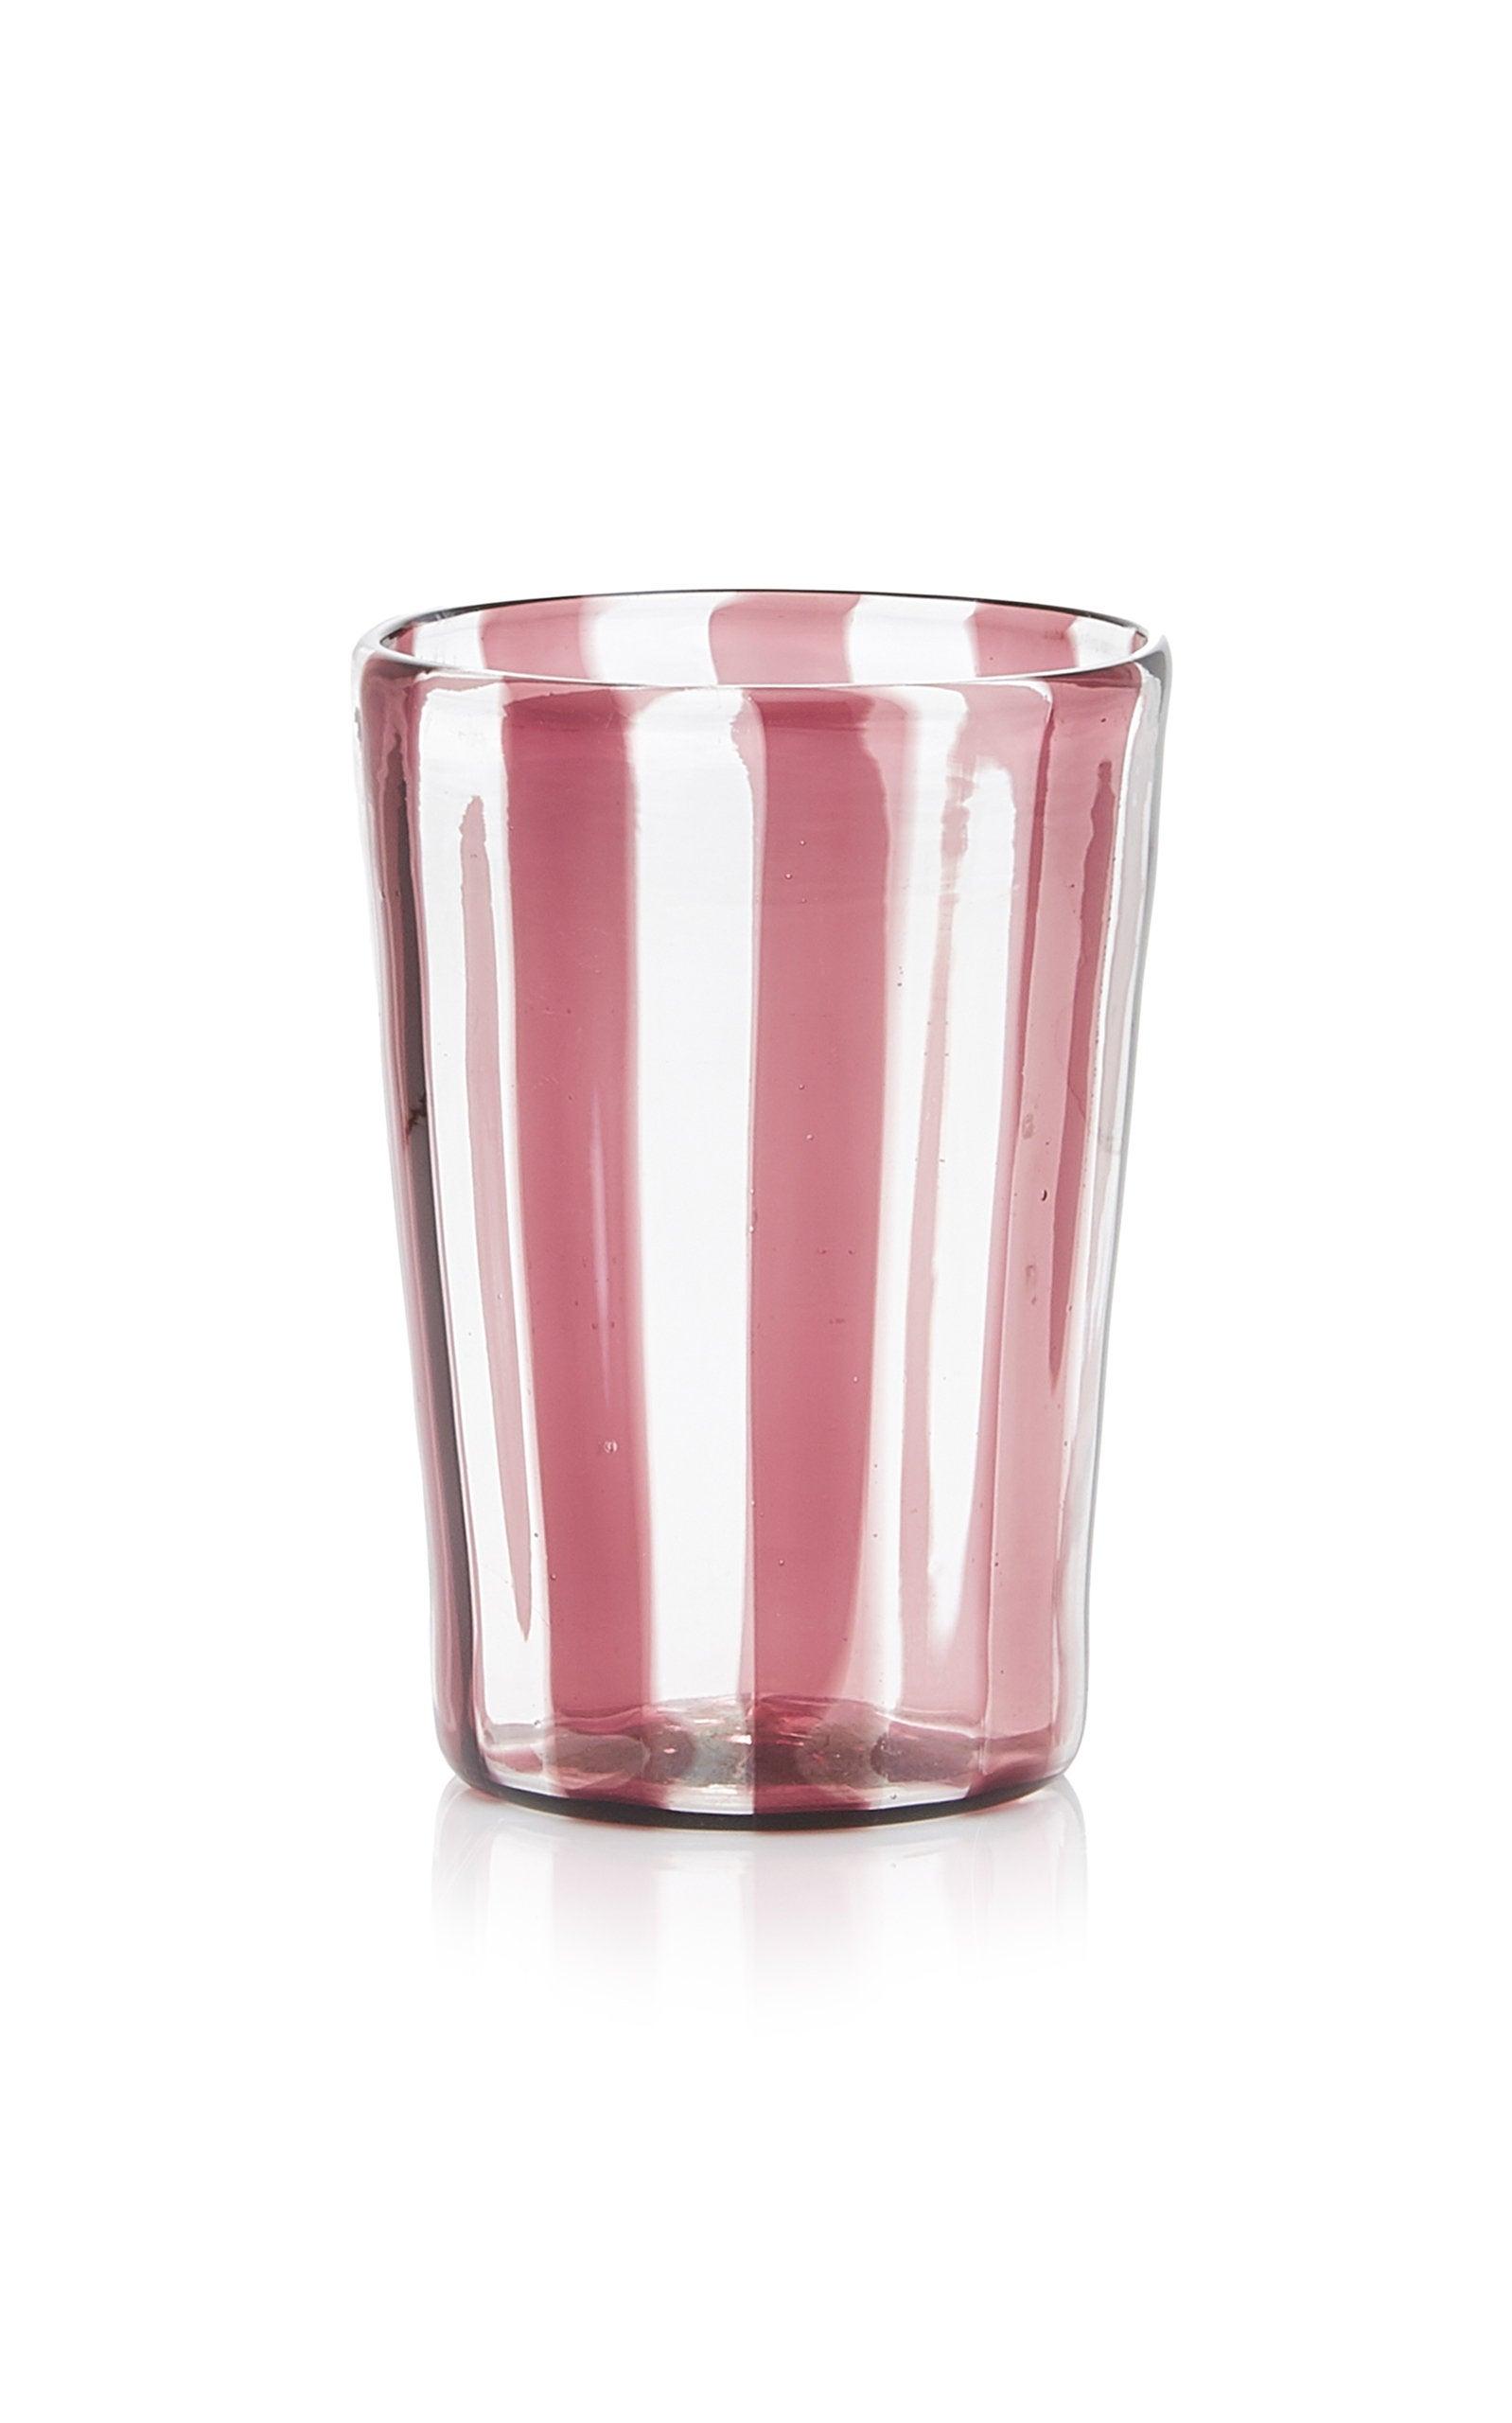 large_laguna-purple-m-o-exclusive-large-set-of-four-striped-marano-glasses-4-3